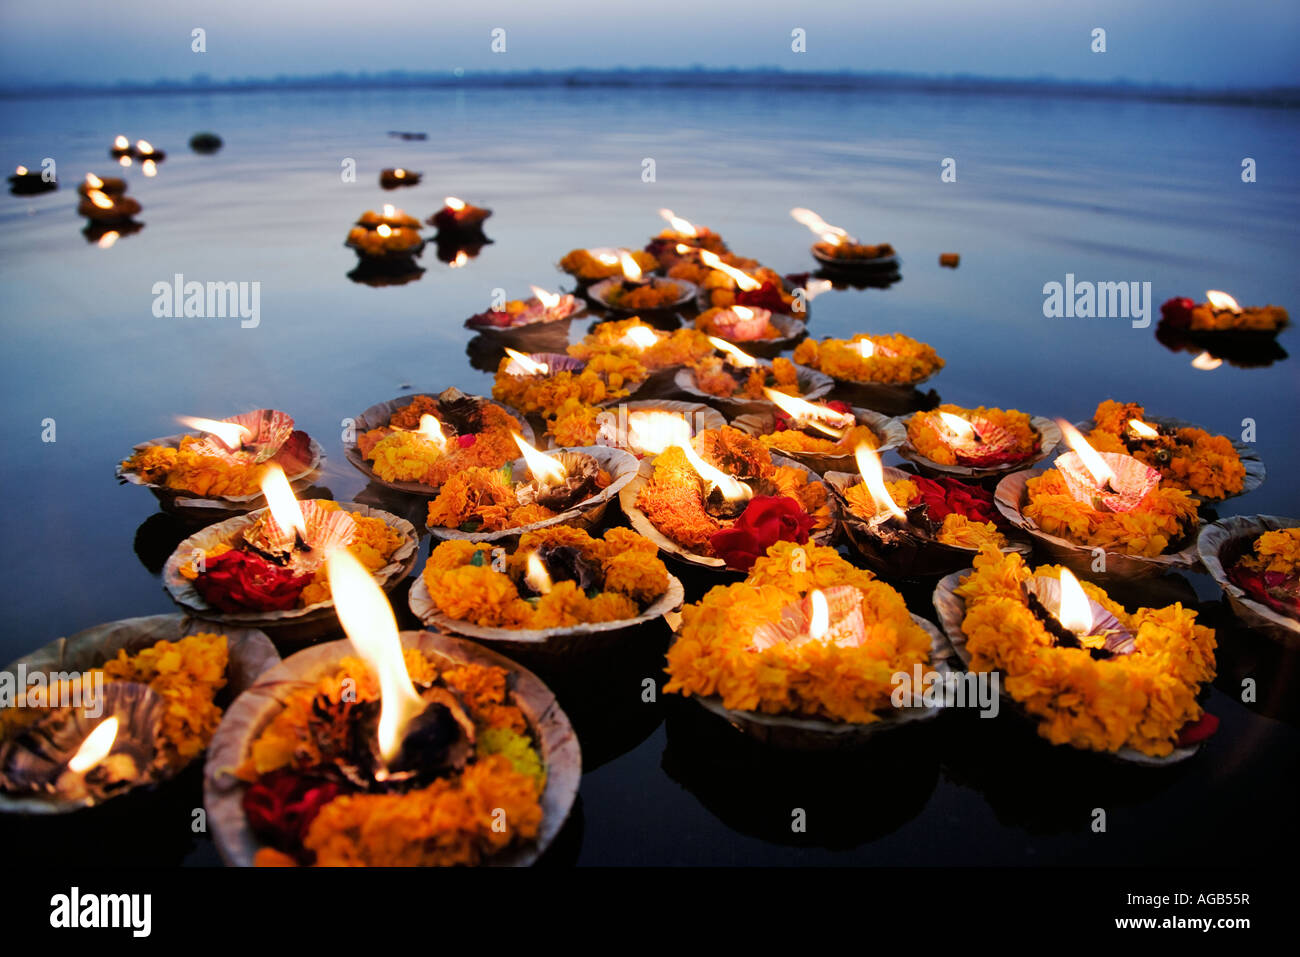 Deepak en el río Ganges El deepak o las lámparas de aceite se utilizan como una ofrenda al río Ganges Imagen De Stock